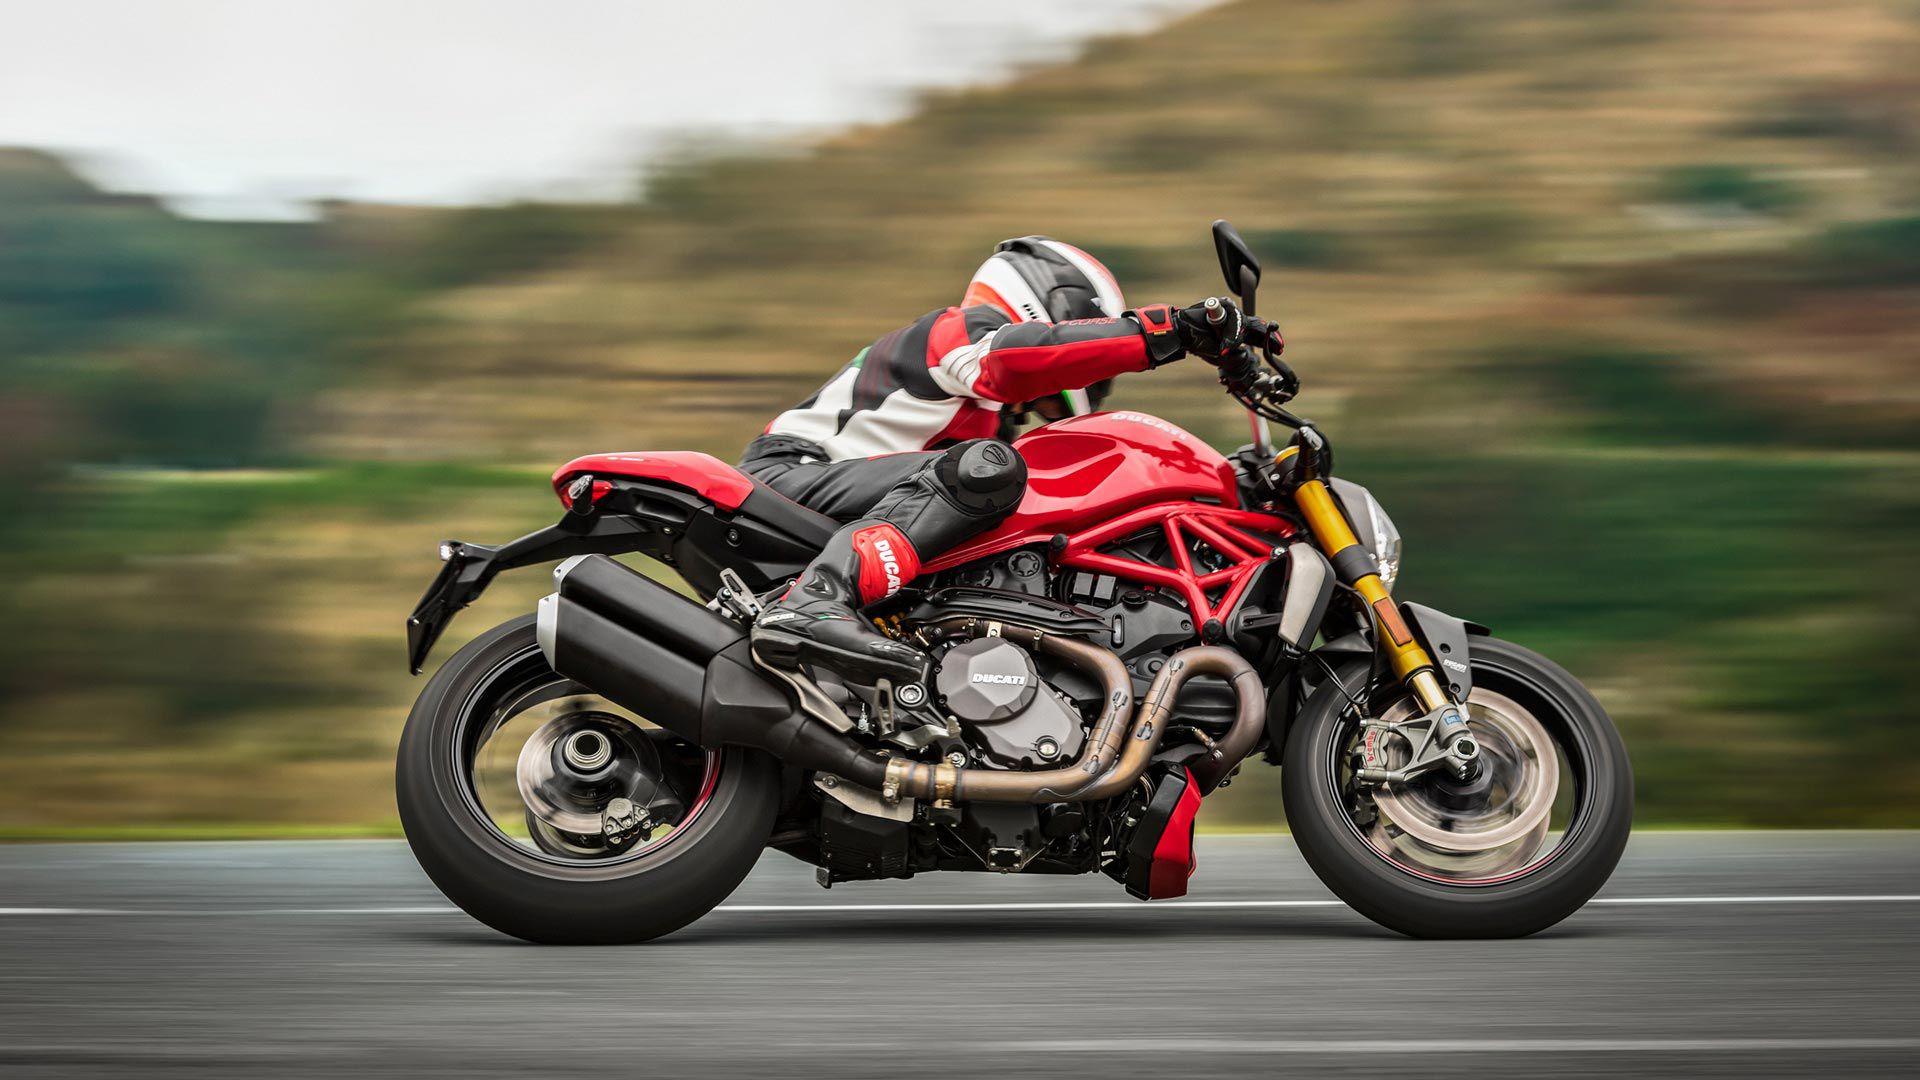 2021 Ducati Monster 1200 S.